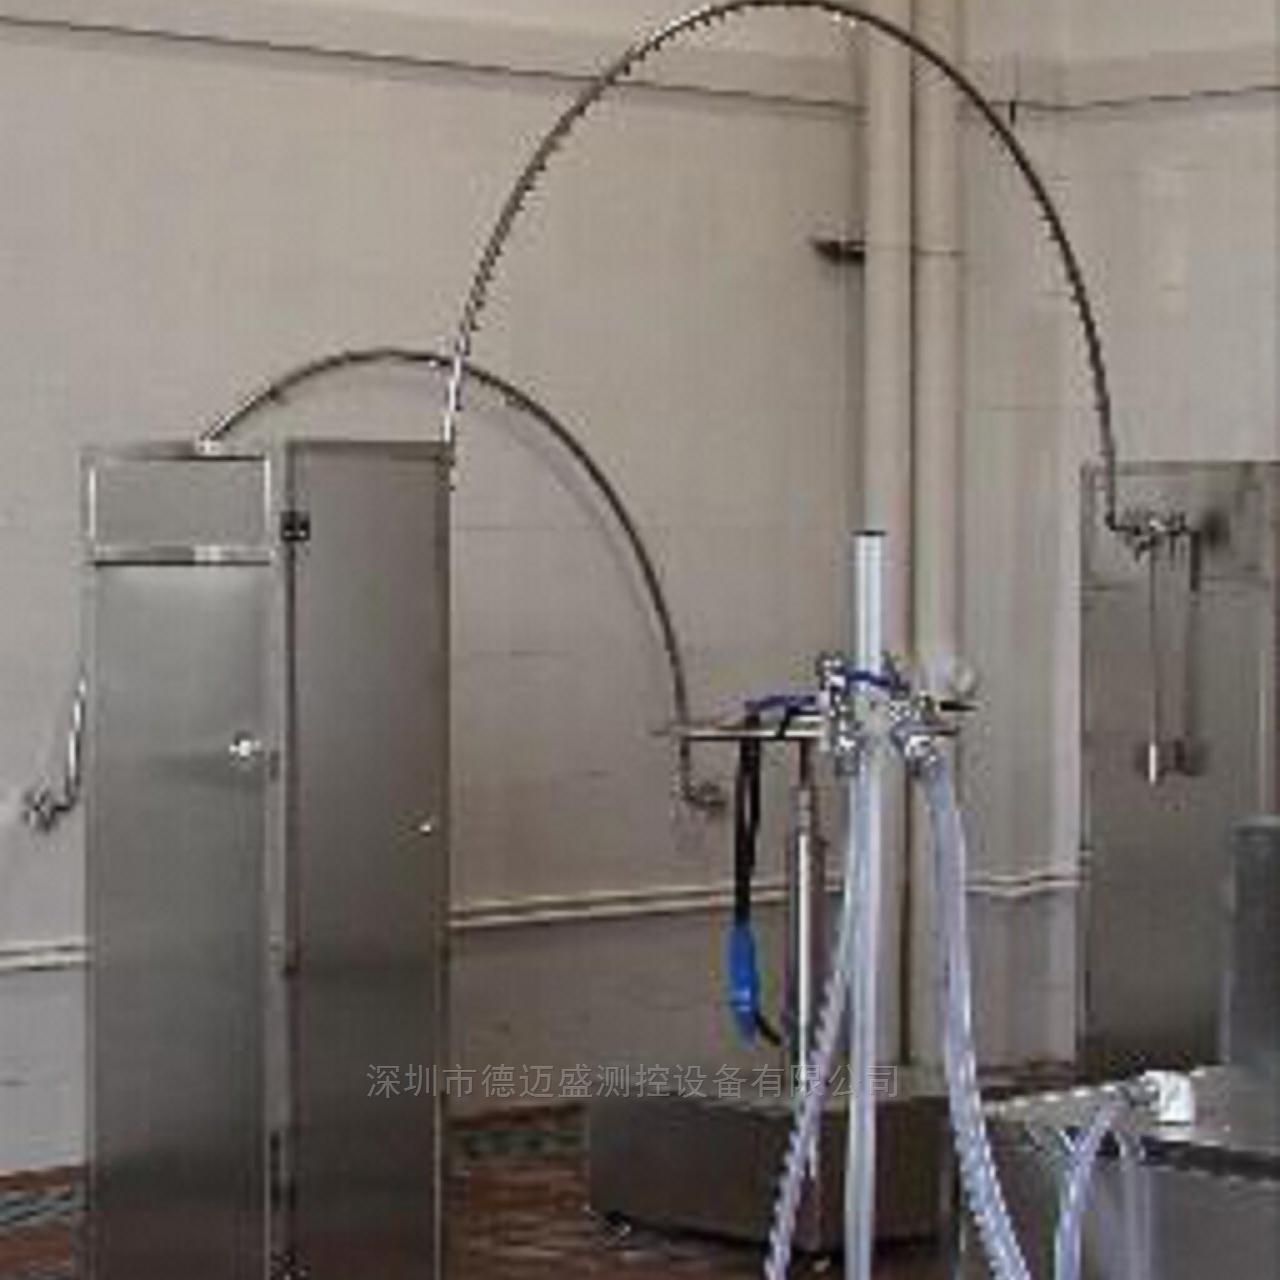 GB4208摆管淋雨试验装置